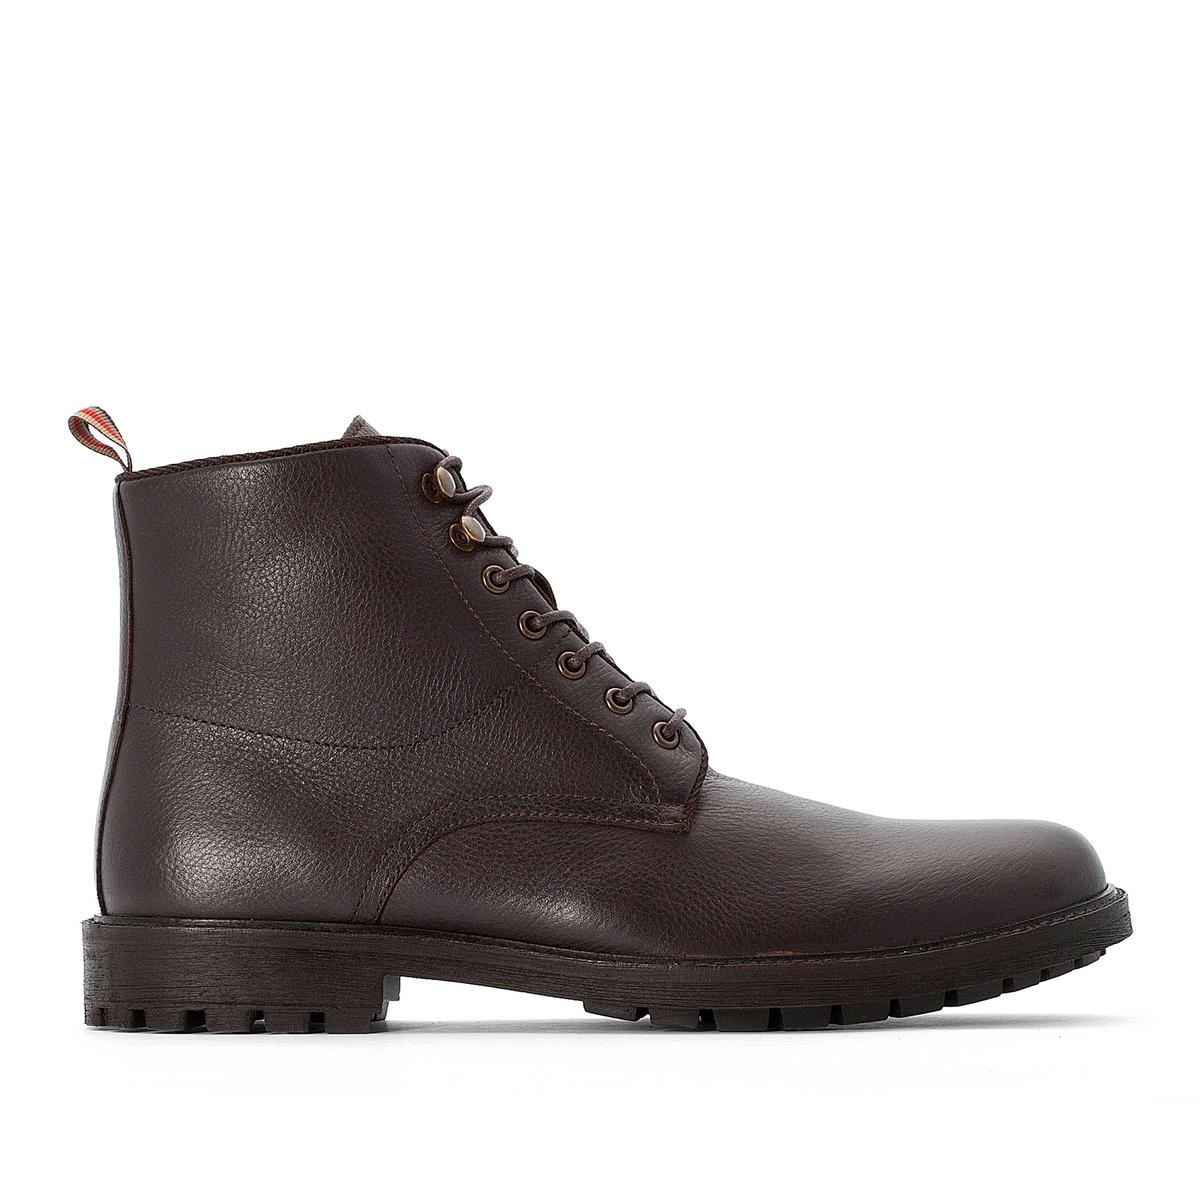 цена Ботинки La Redoute Кожаные на шнуровке 45 каштановый онлайн в 2017 году